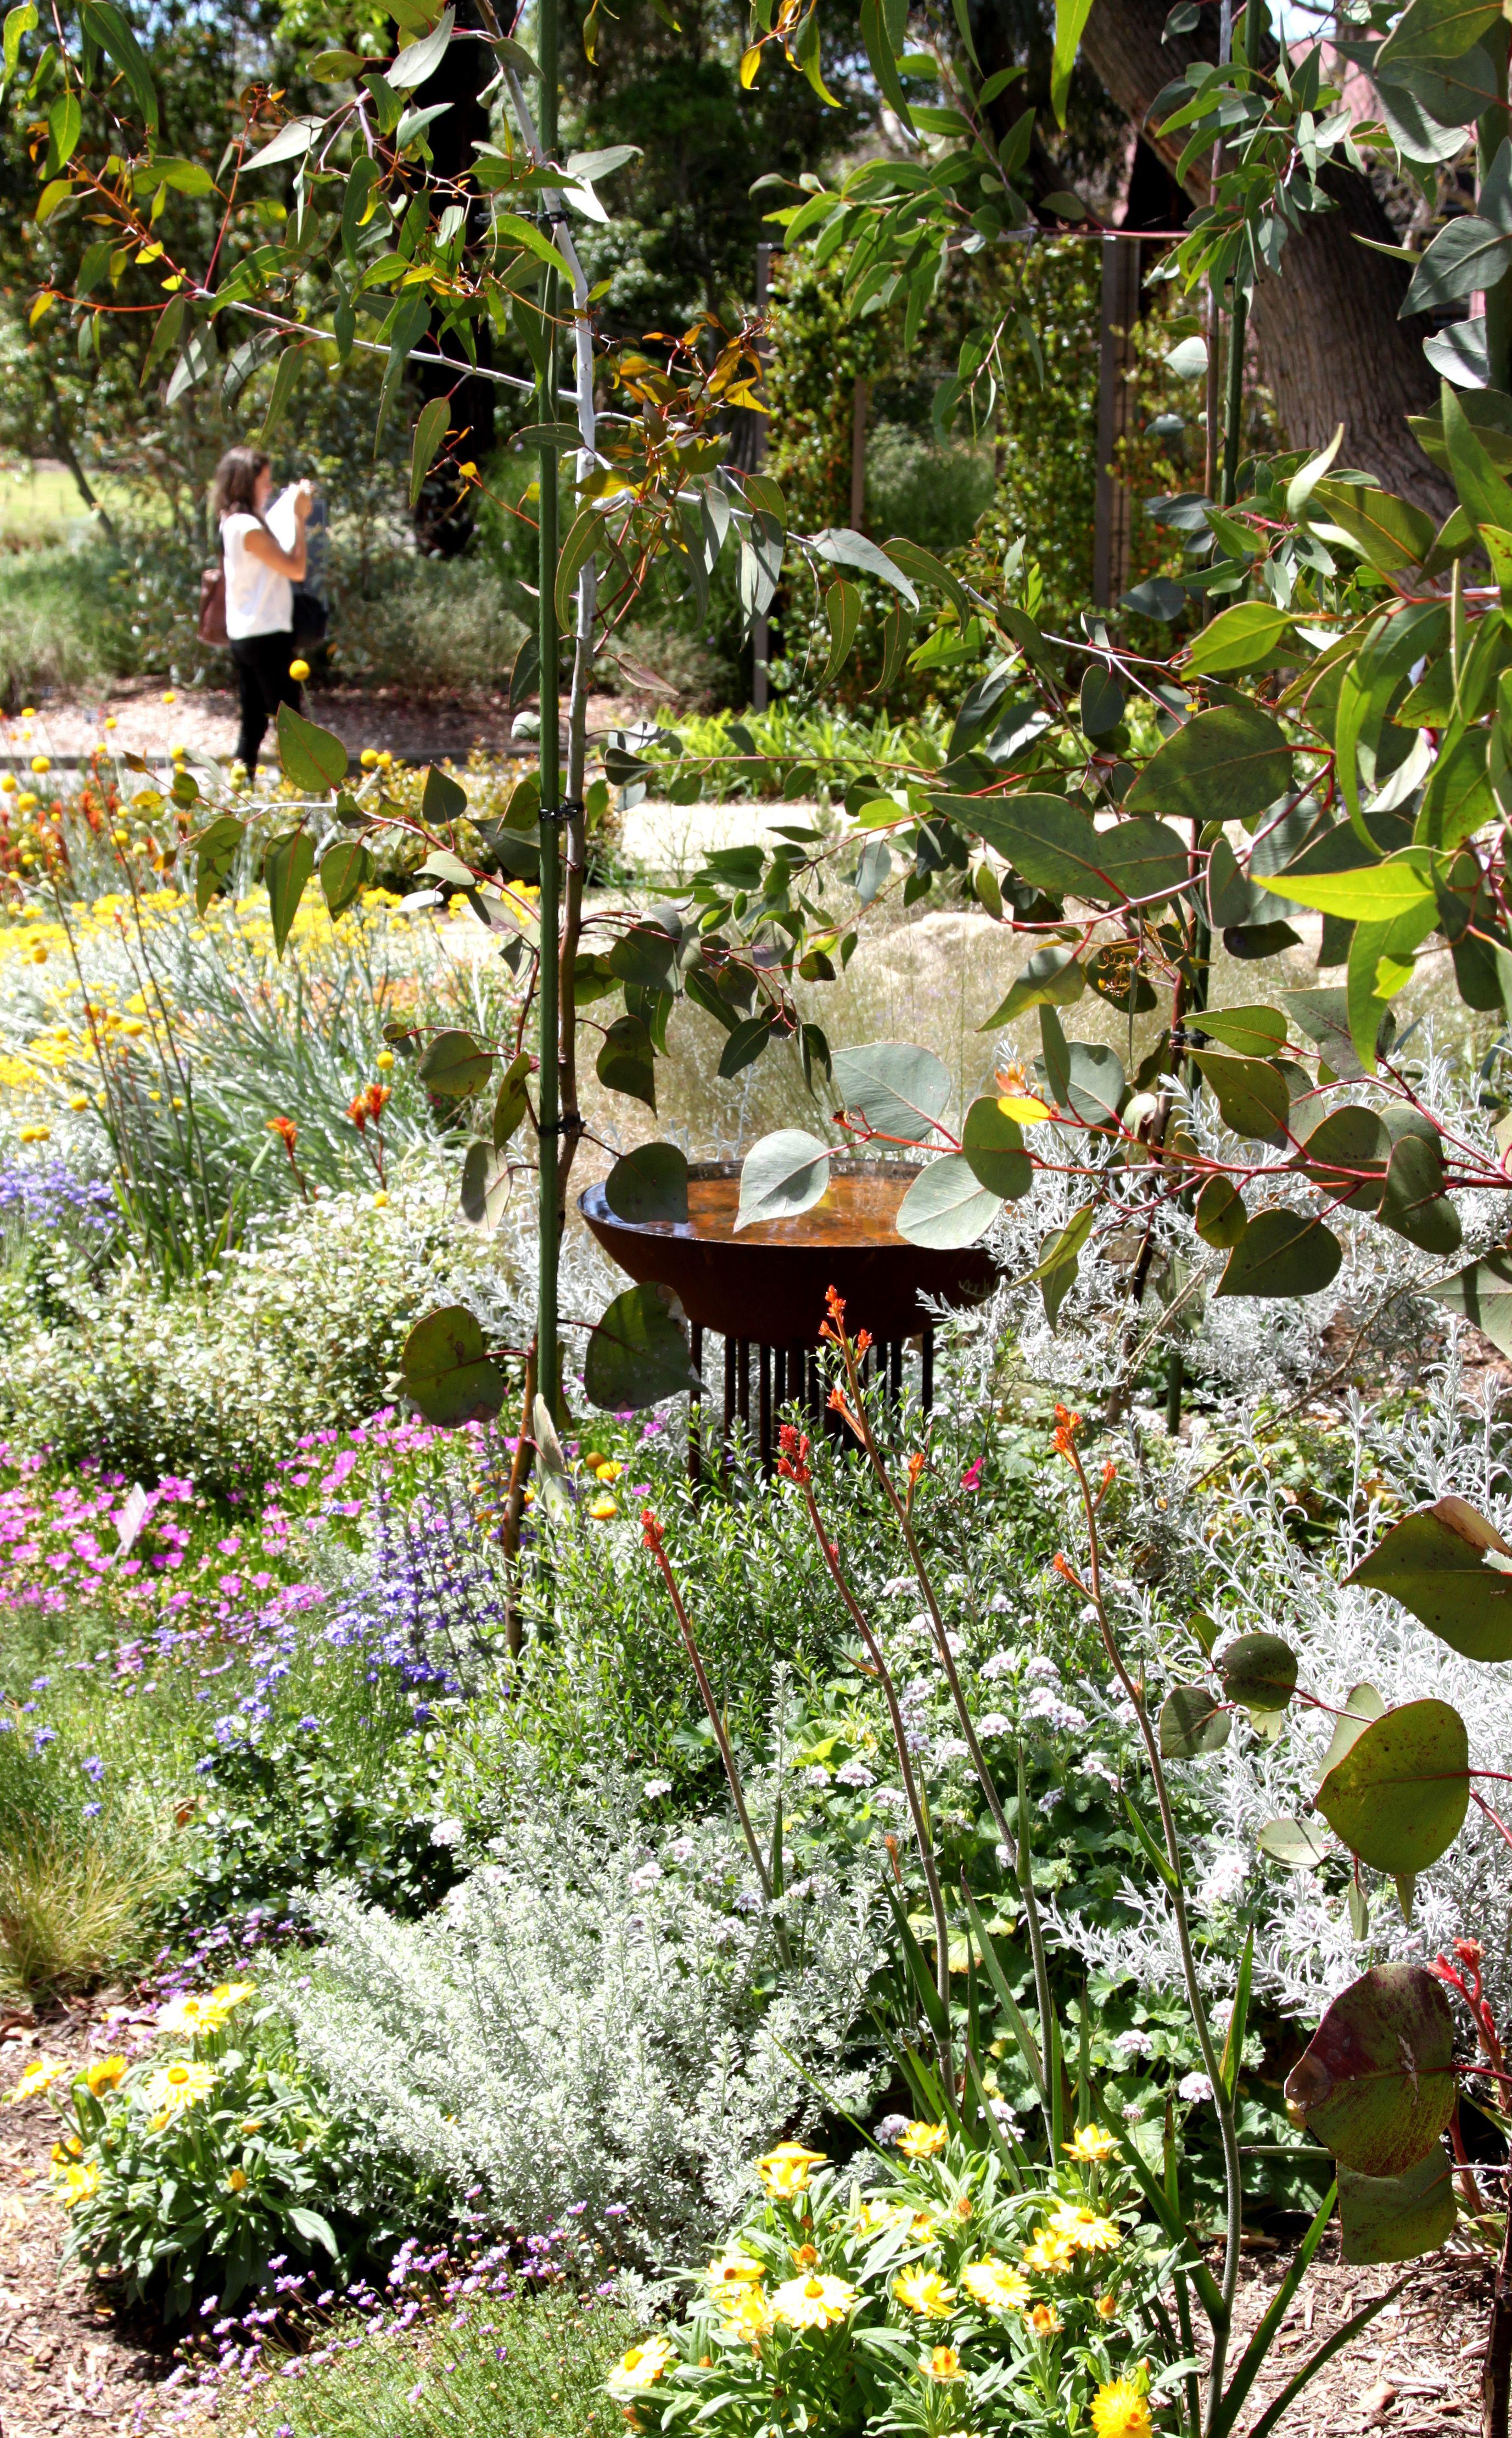 Adelaide Botanic Garden; The Australian Native Garden Is A